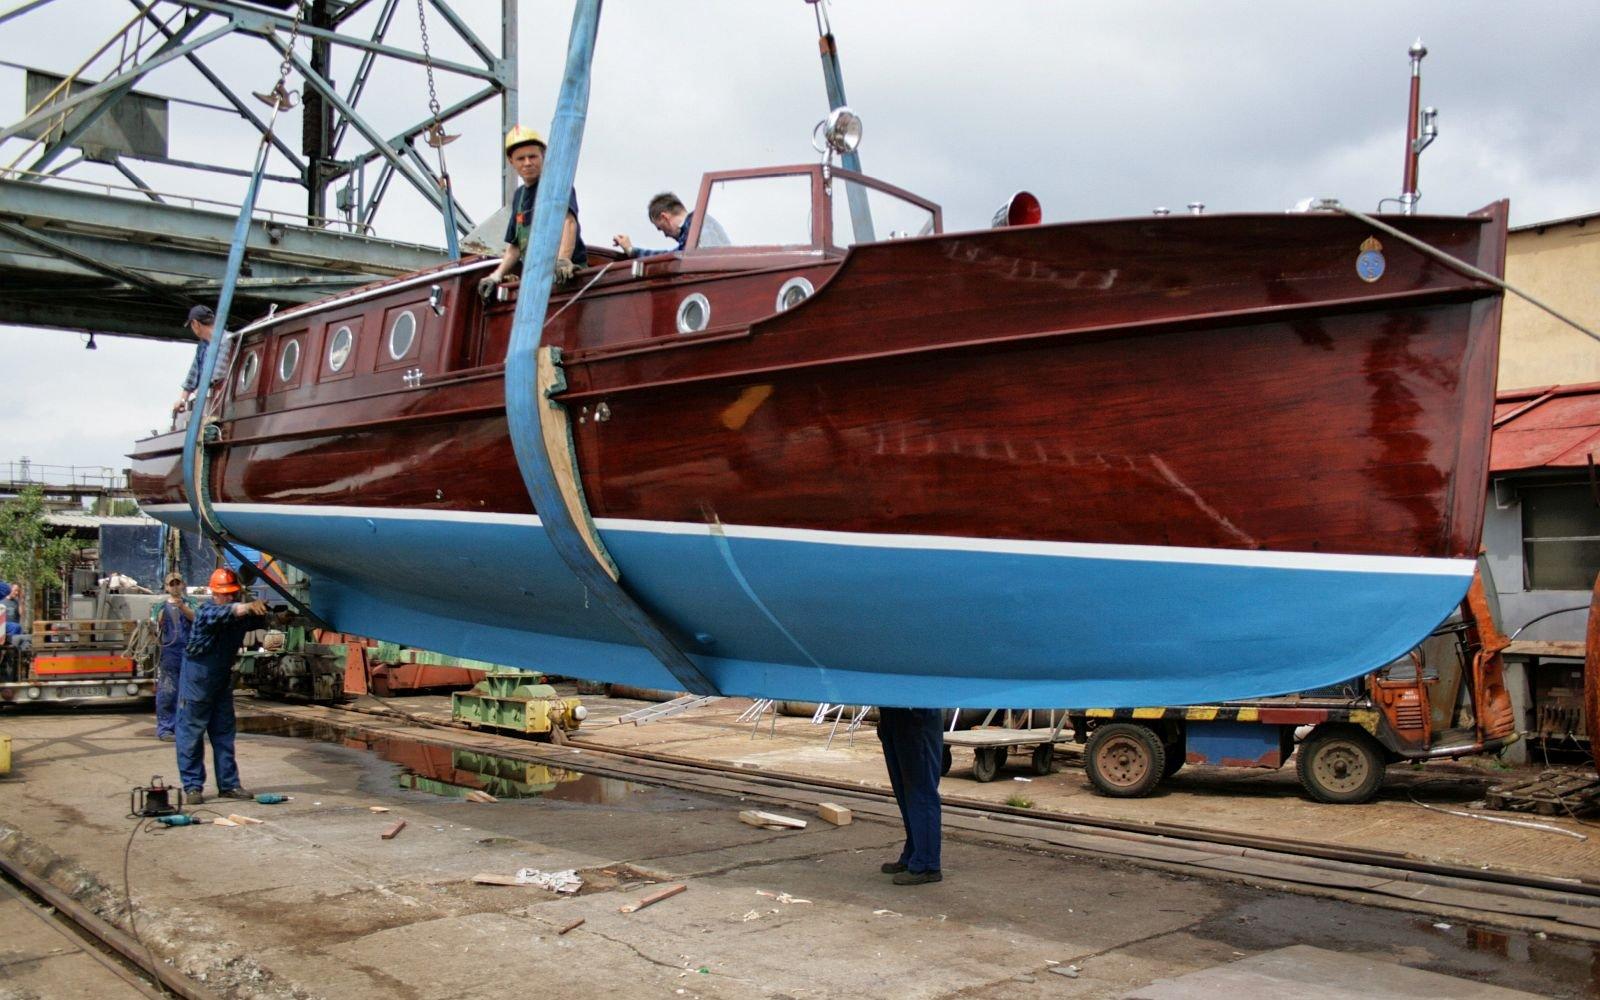 drewnauta_wyposazanie-jachtow_002www